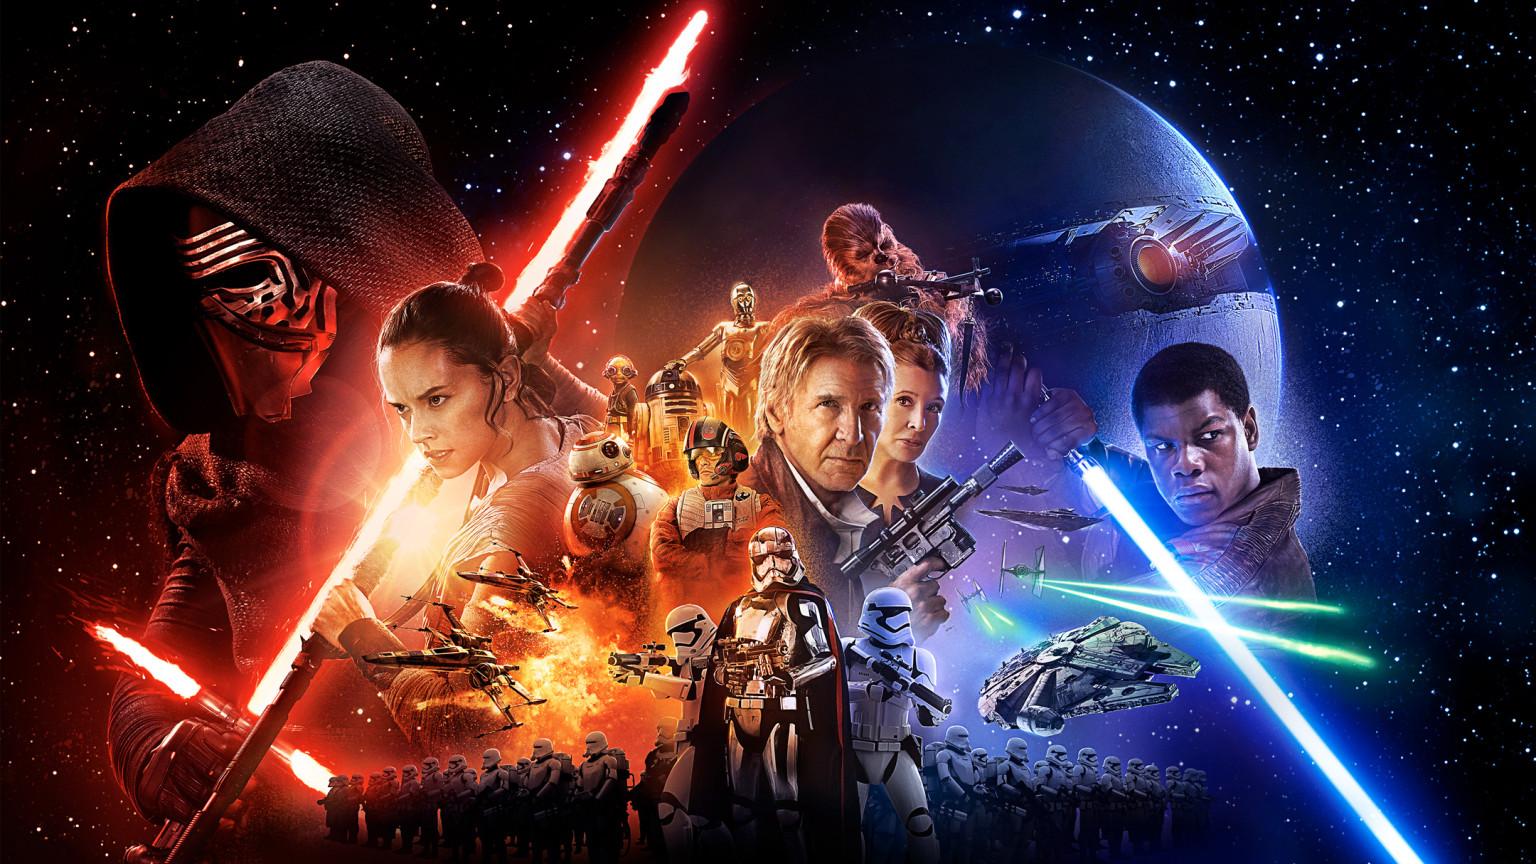 Disney-annonce-une-Nouvelle-trilogie-Star-Wars